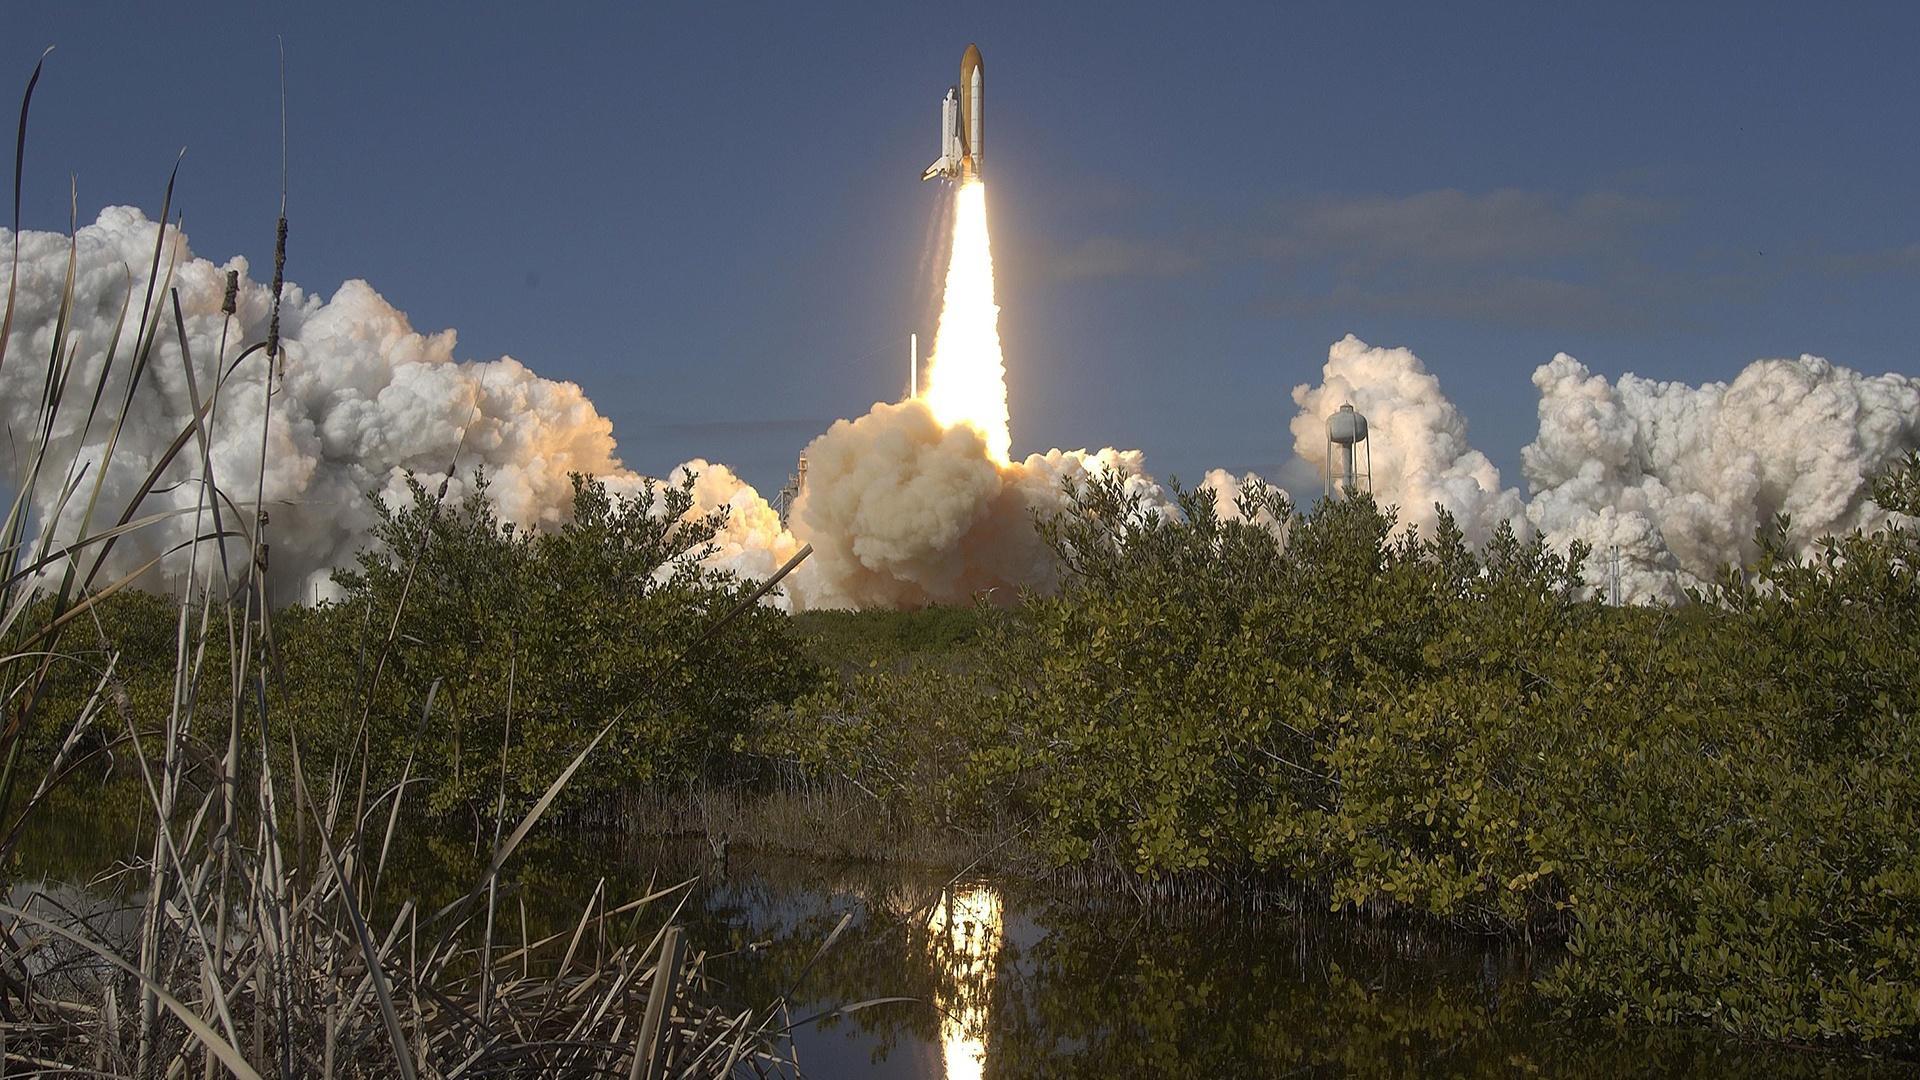 space shuttle longest mission - photo #5